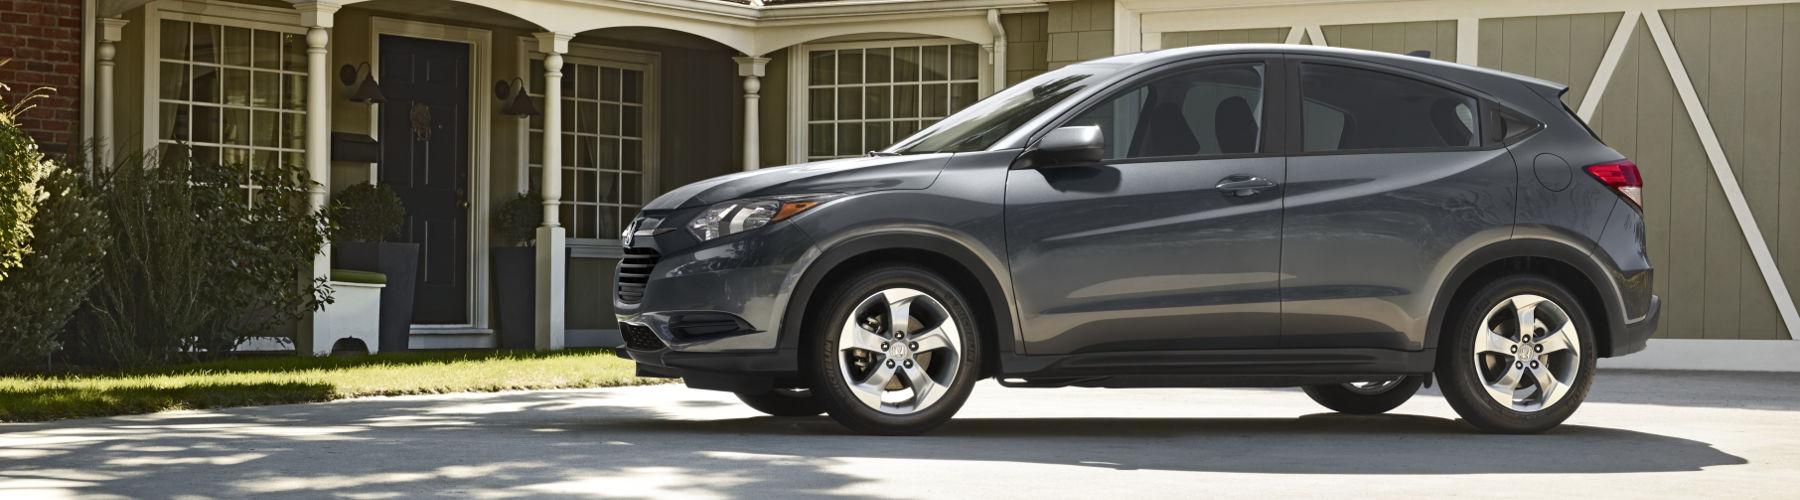 2016-Honda-HR-V-Top-Header